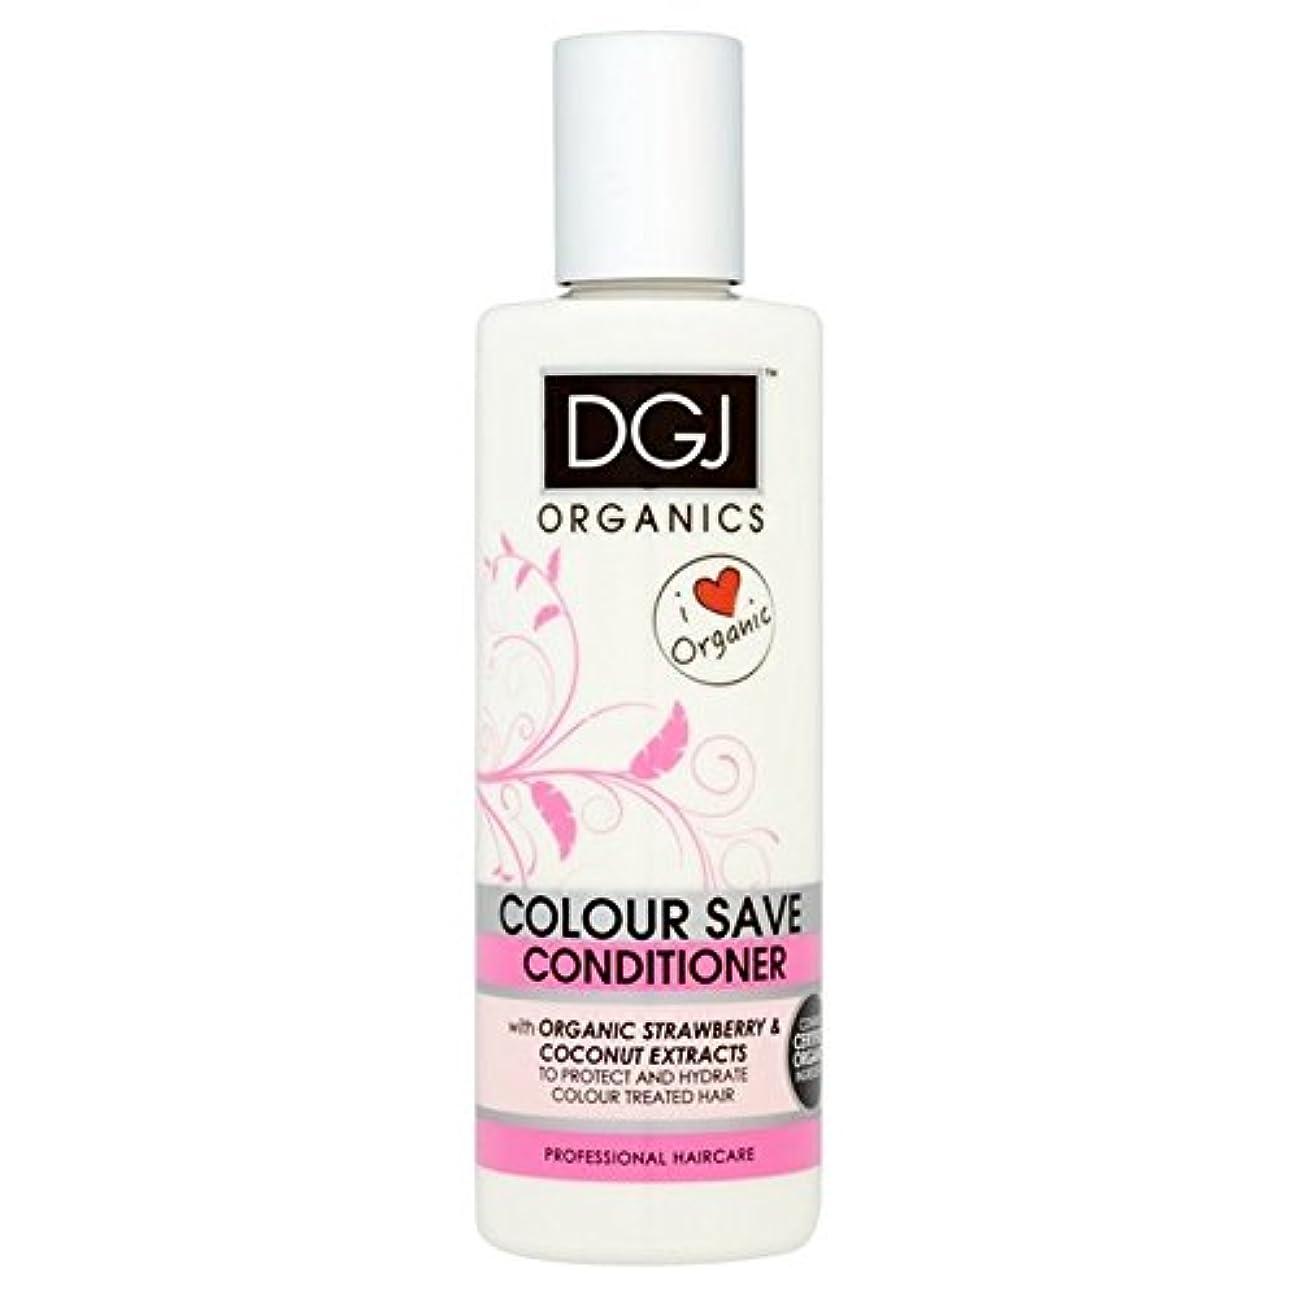 真似る与える例示するDGJ Organics Colour Save Conditioner 250ml (Pack of 6) - 有機物の色コンディショナー250を保存 x6 [並行輸入品]